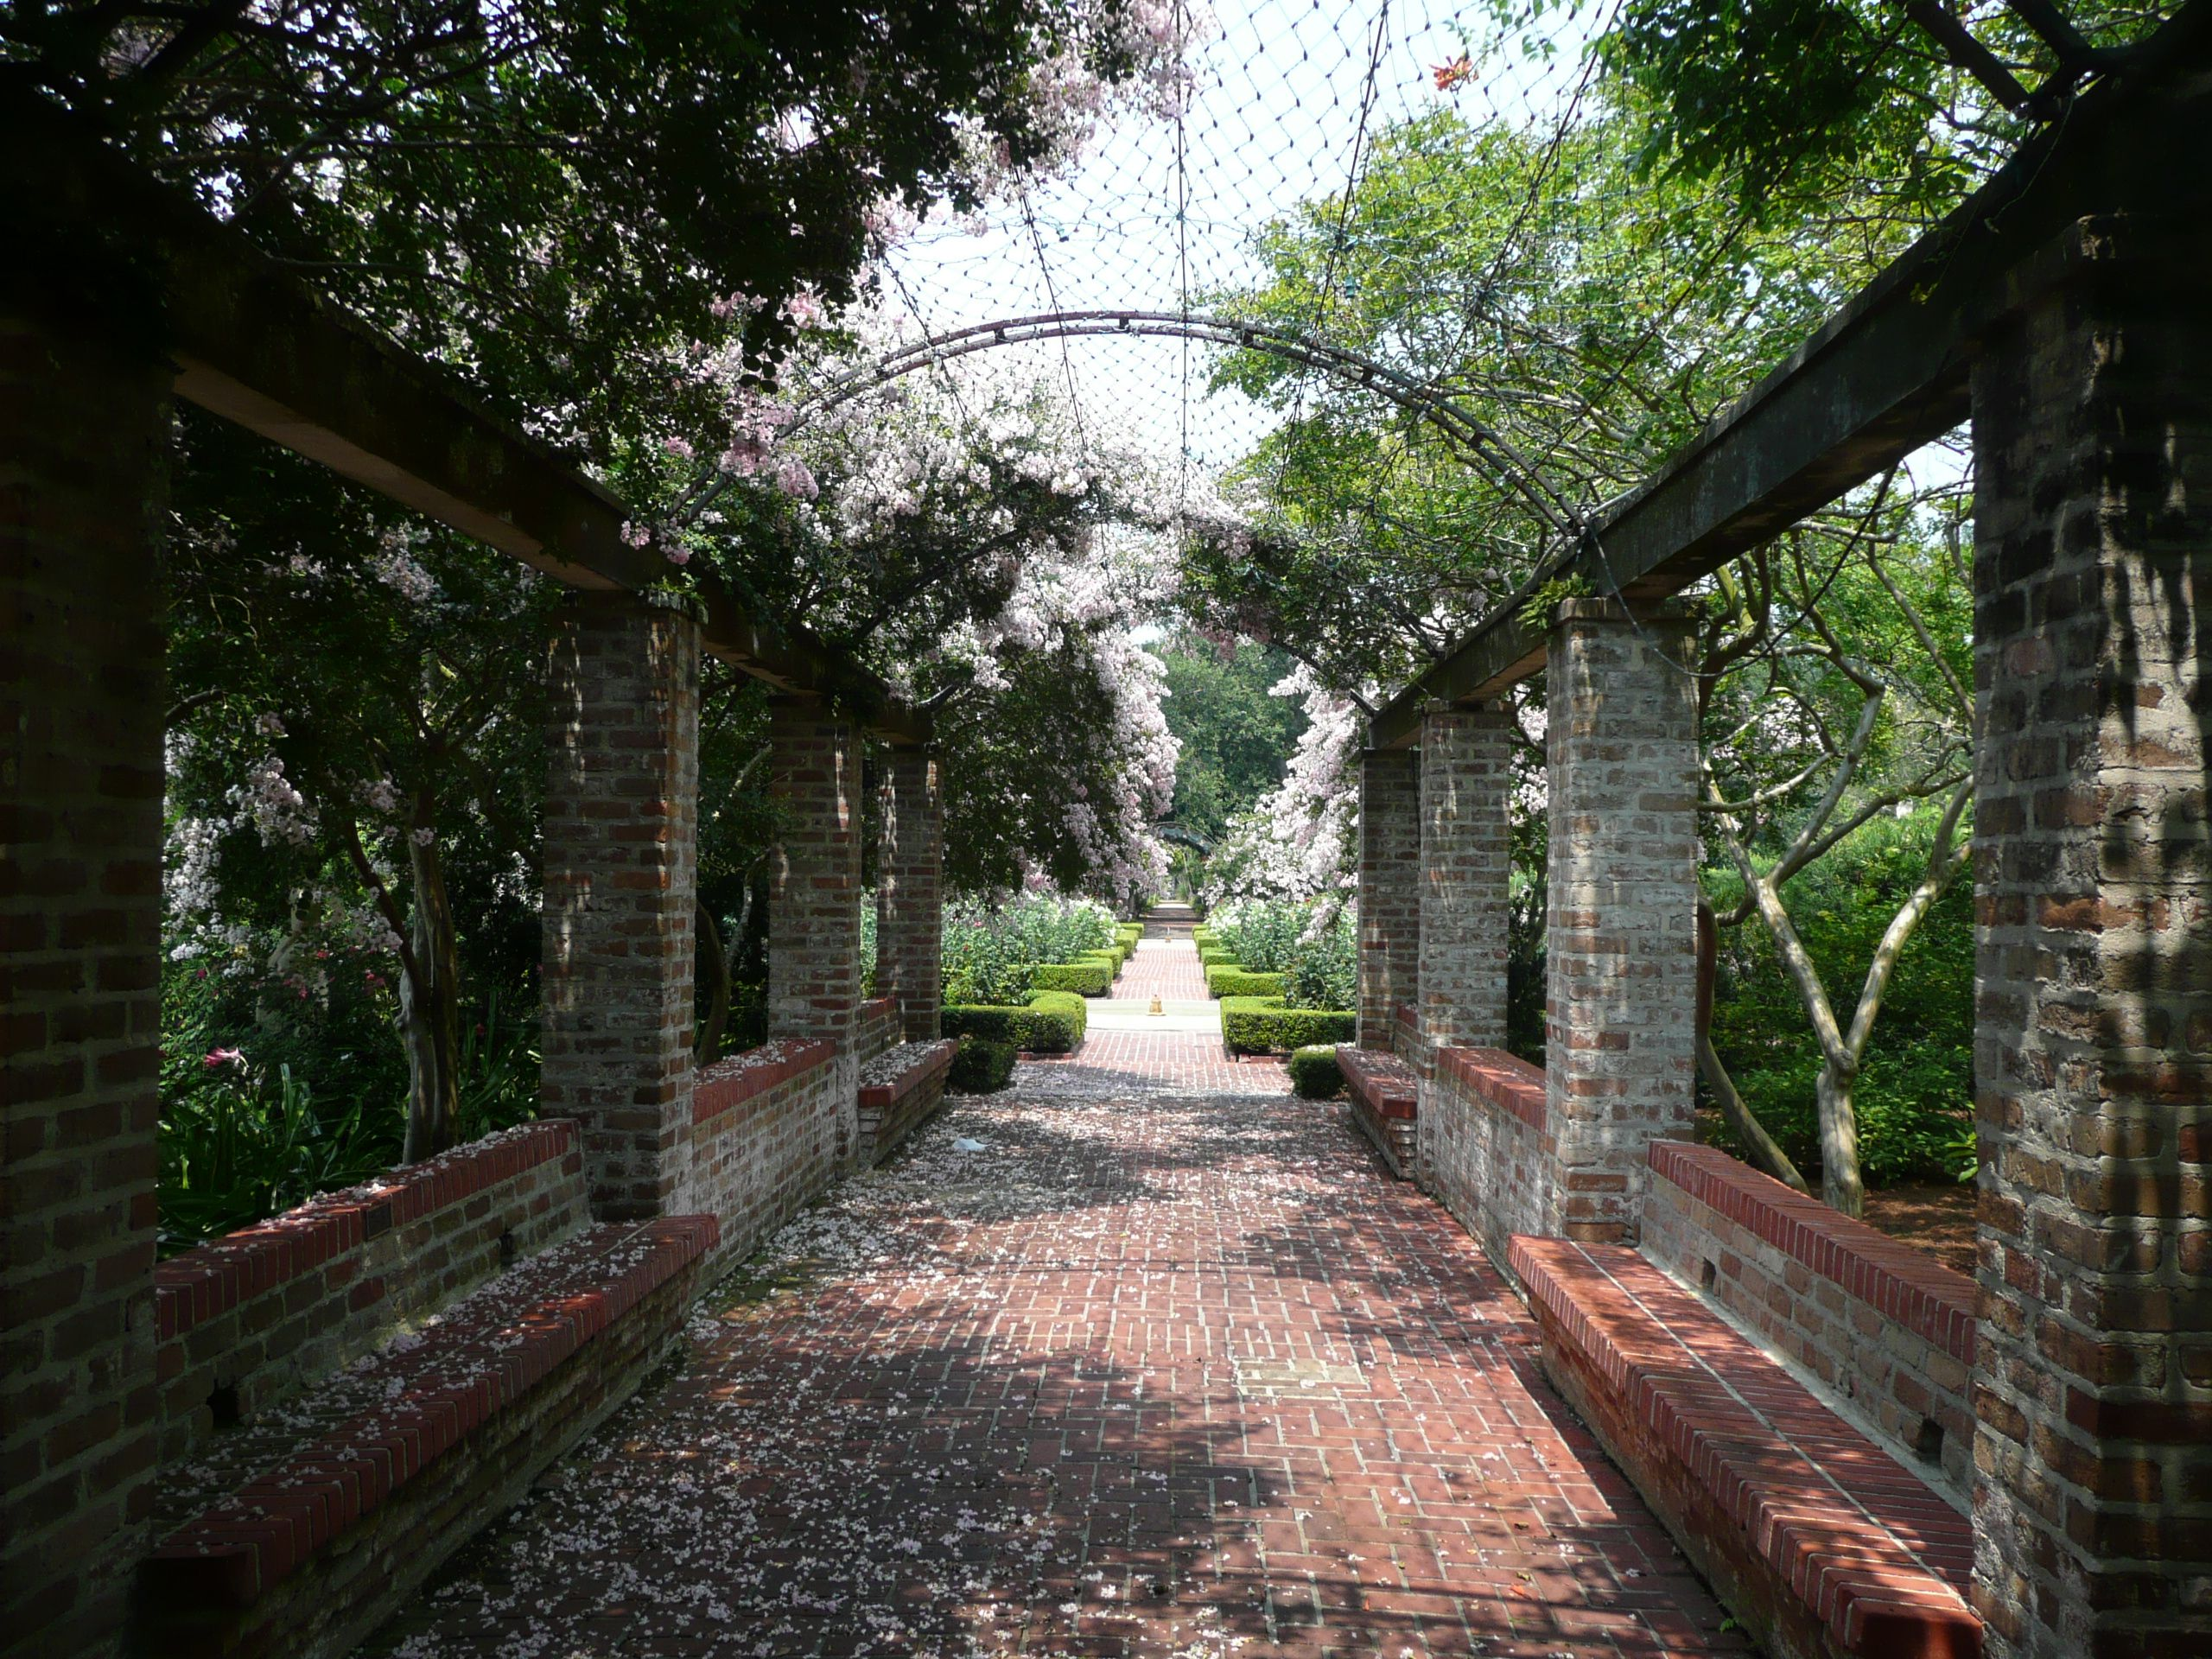 0455bda38fd62ee06d6d988d0f65c3fc - City Park Botanical Gardens Plant Sale